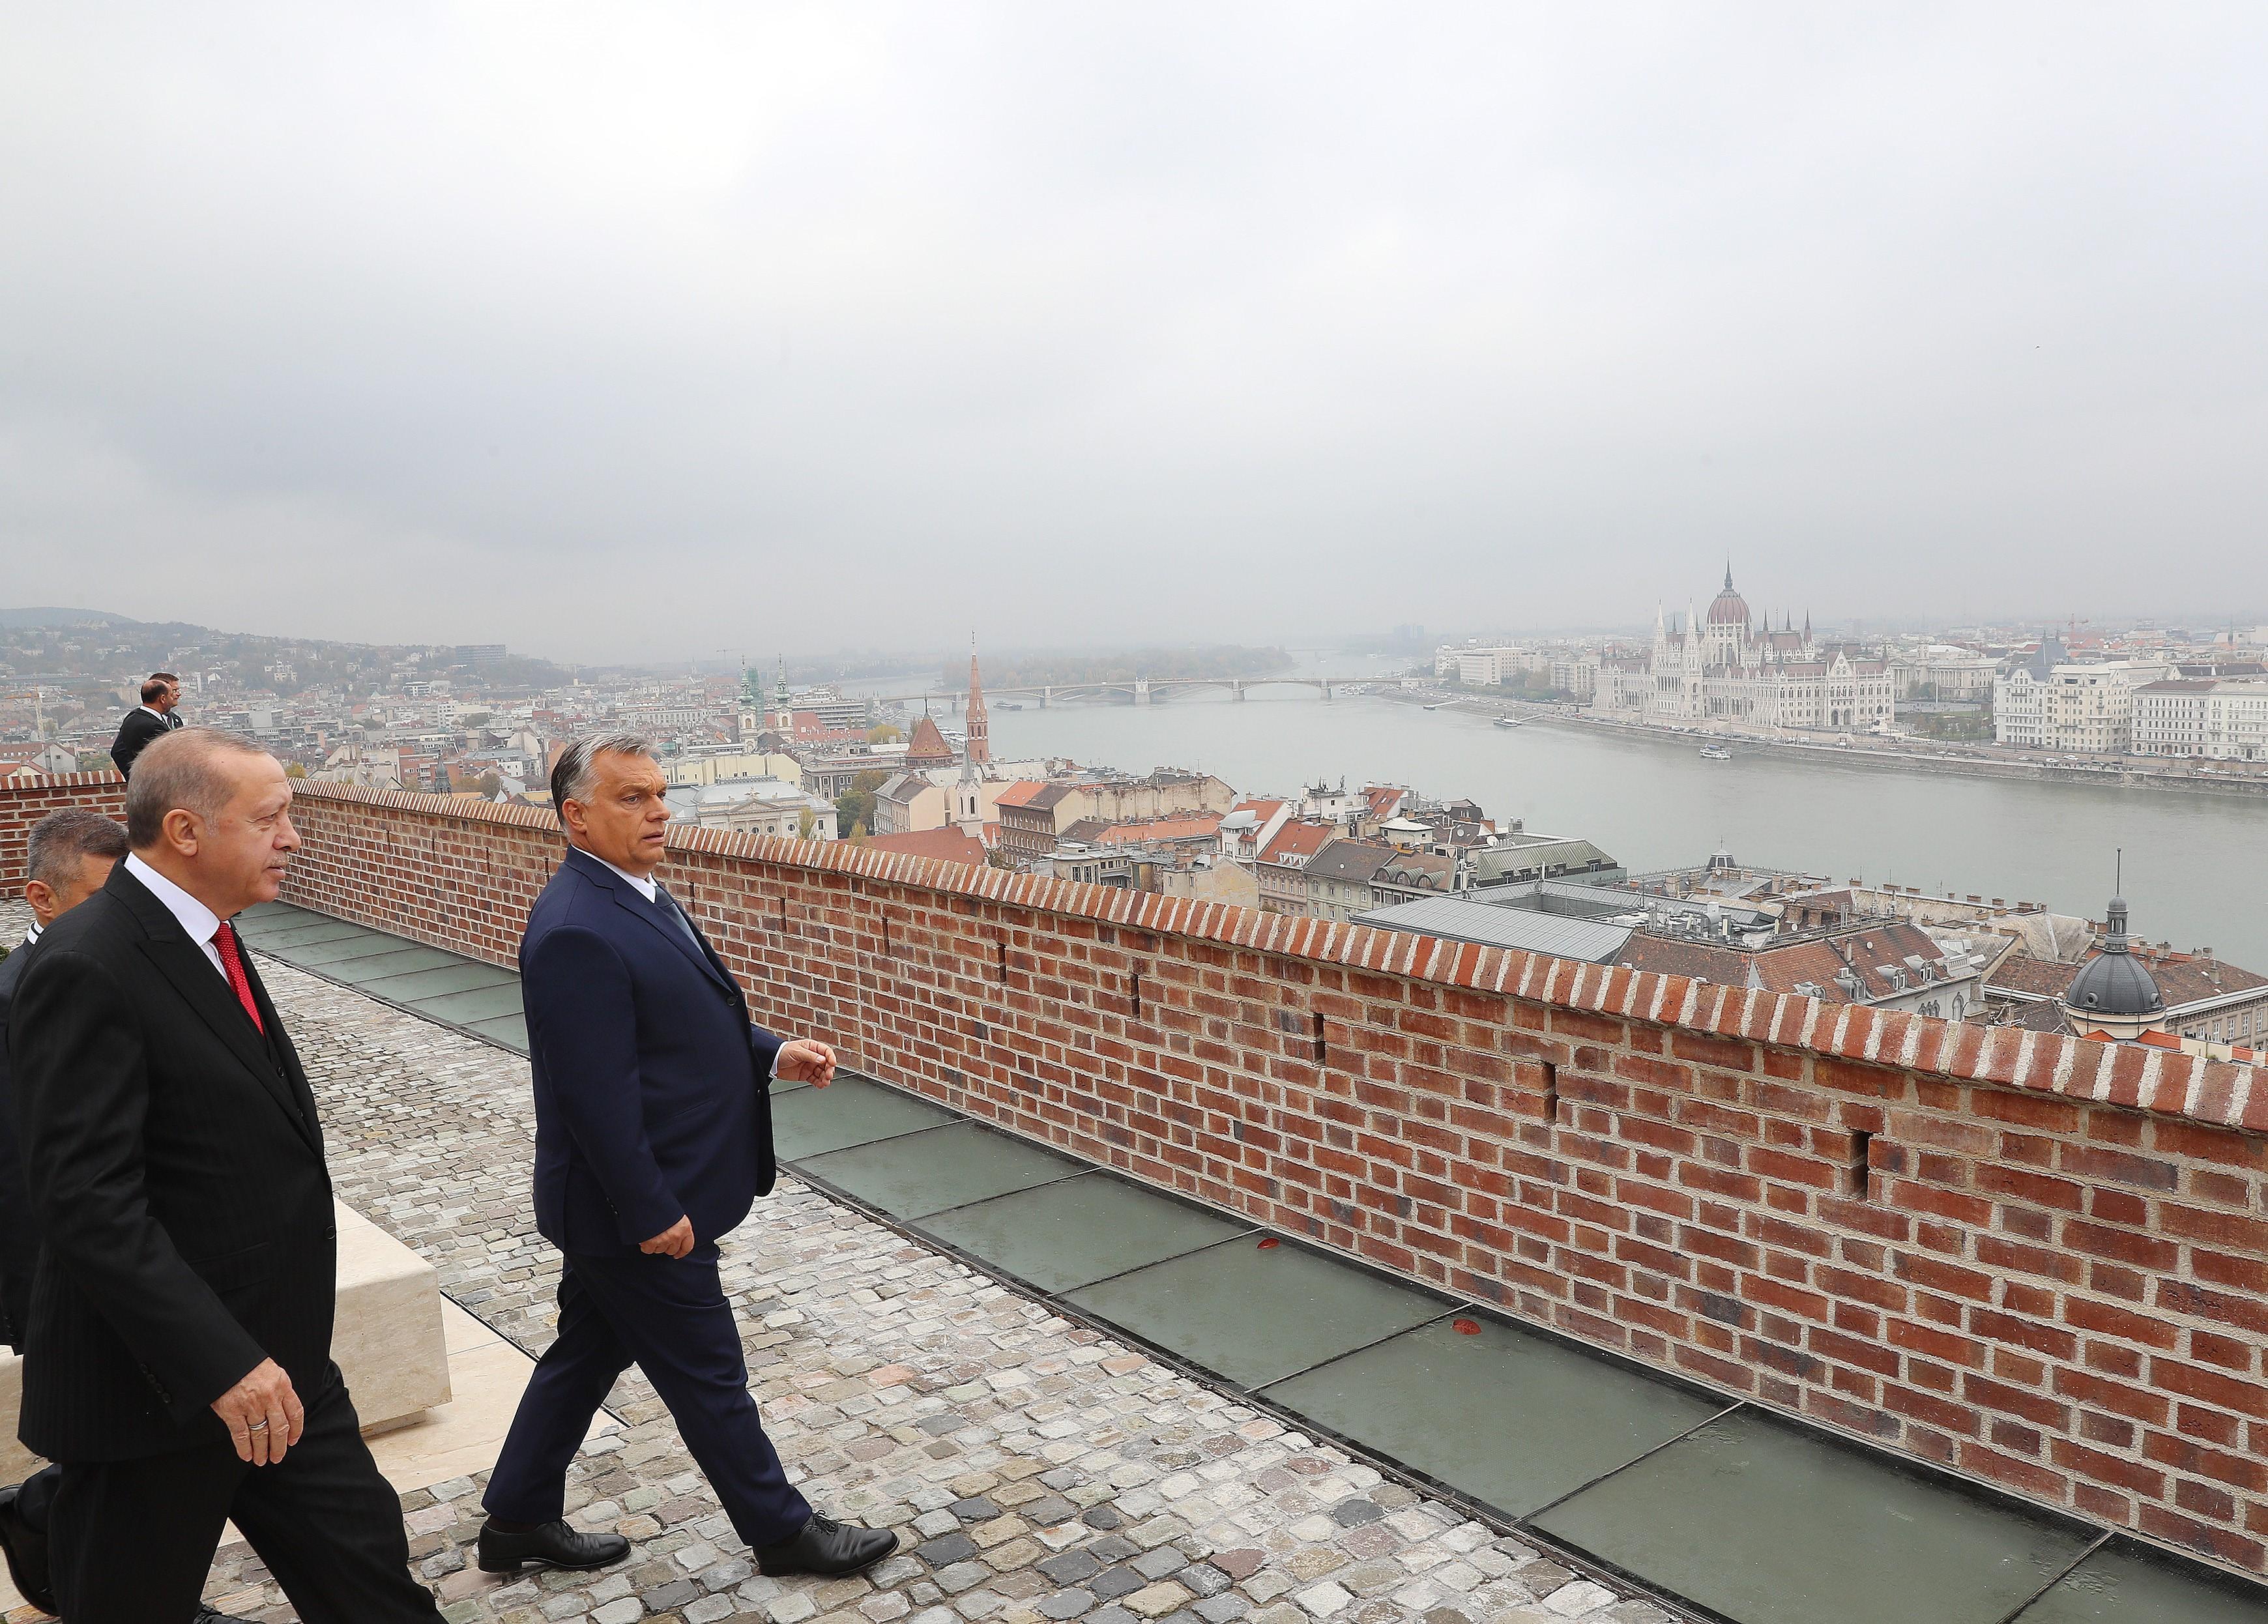 A Politico szerint Orbán Európa második legnagyobb vízionáriusa, Greta Thunberg mögött